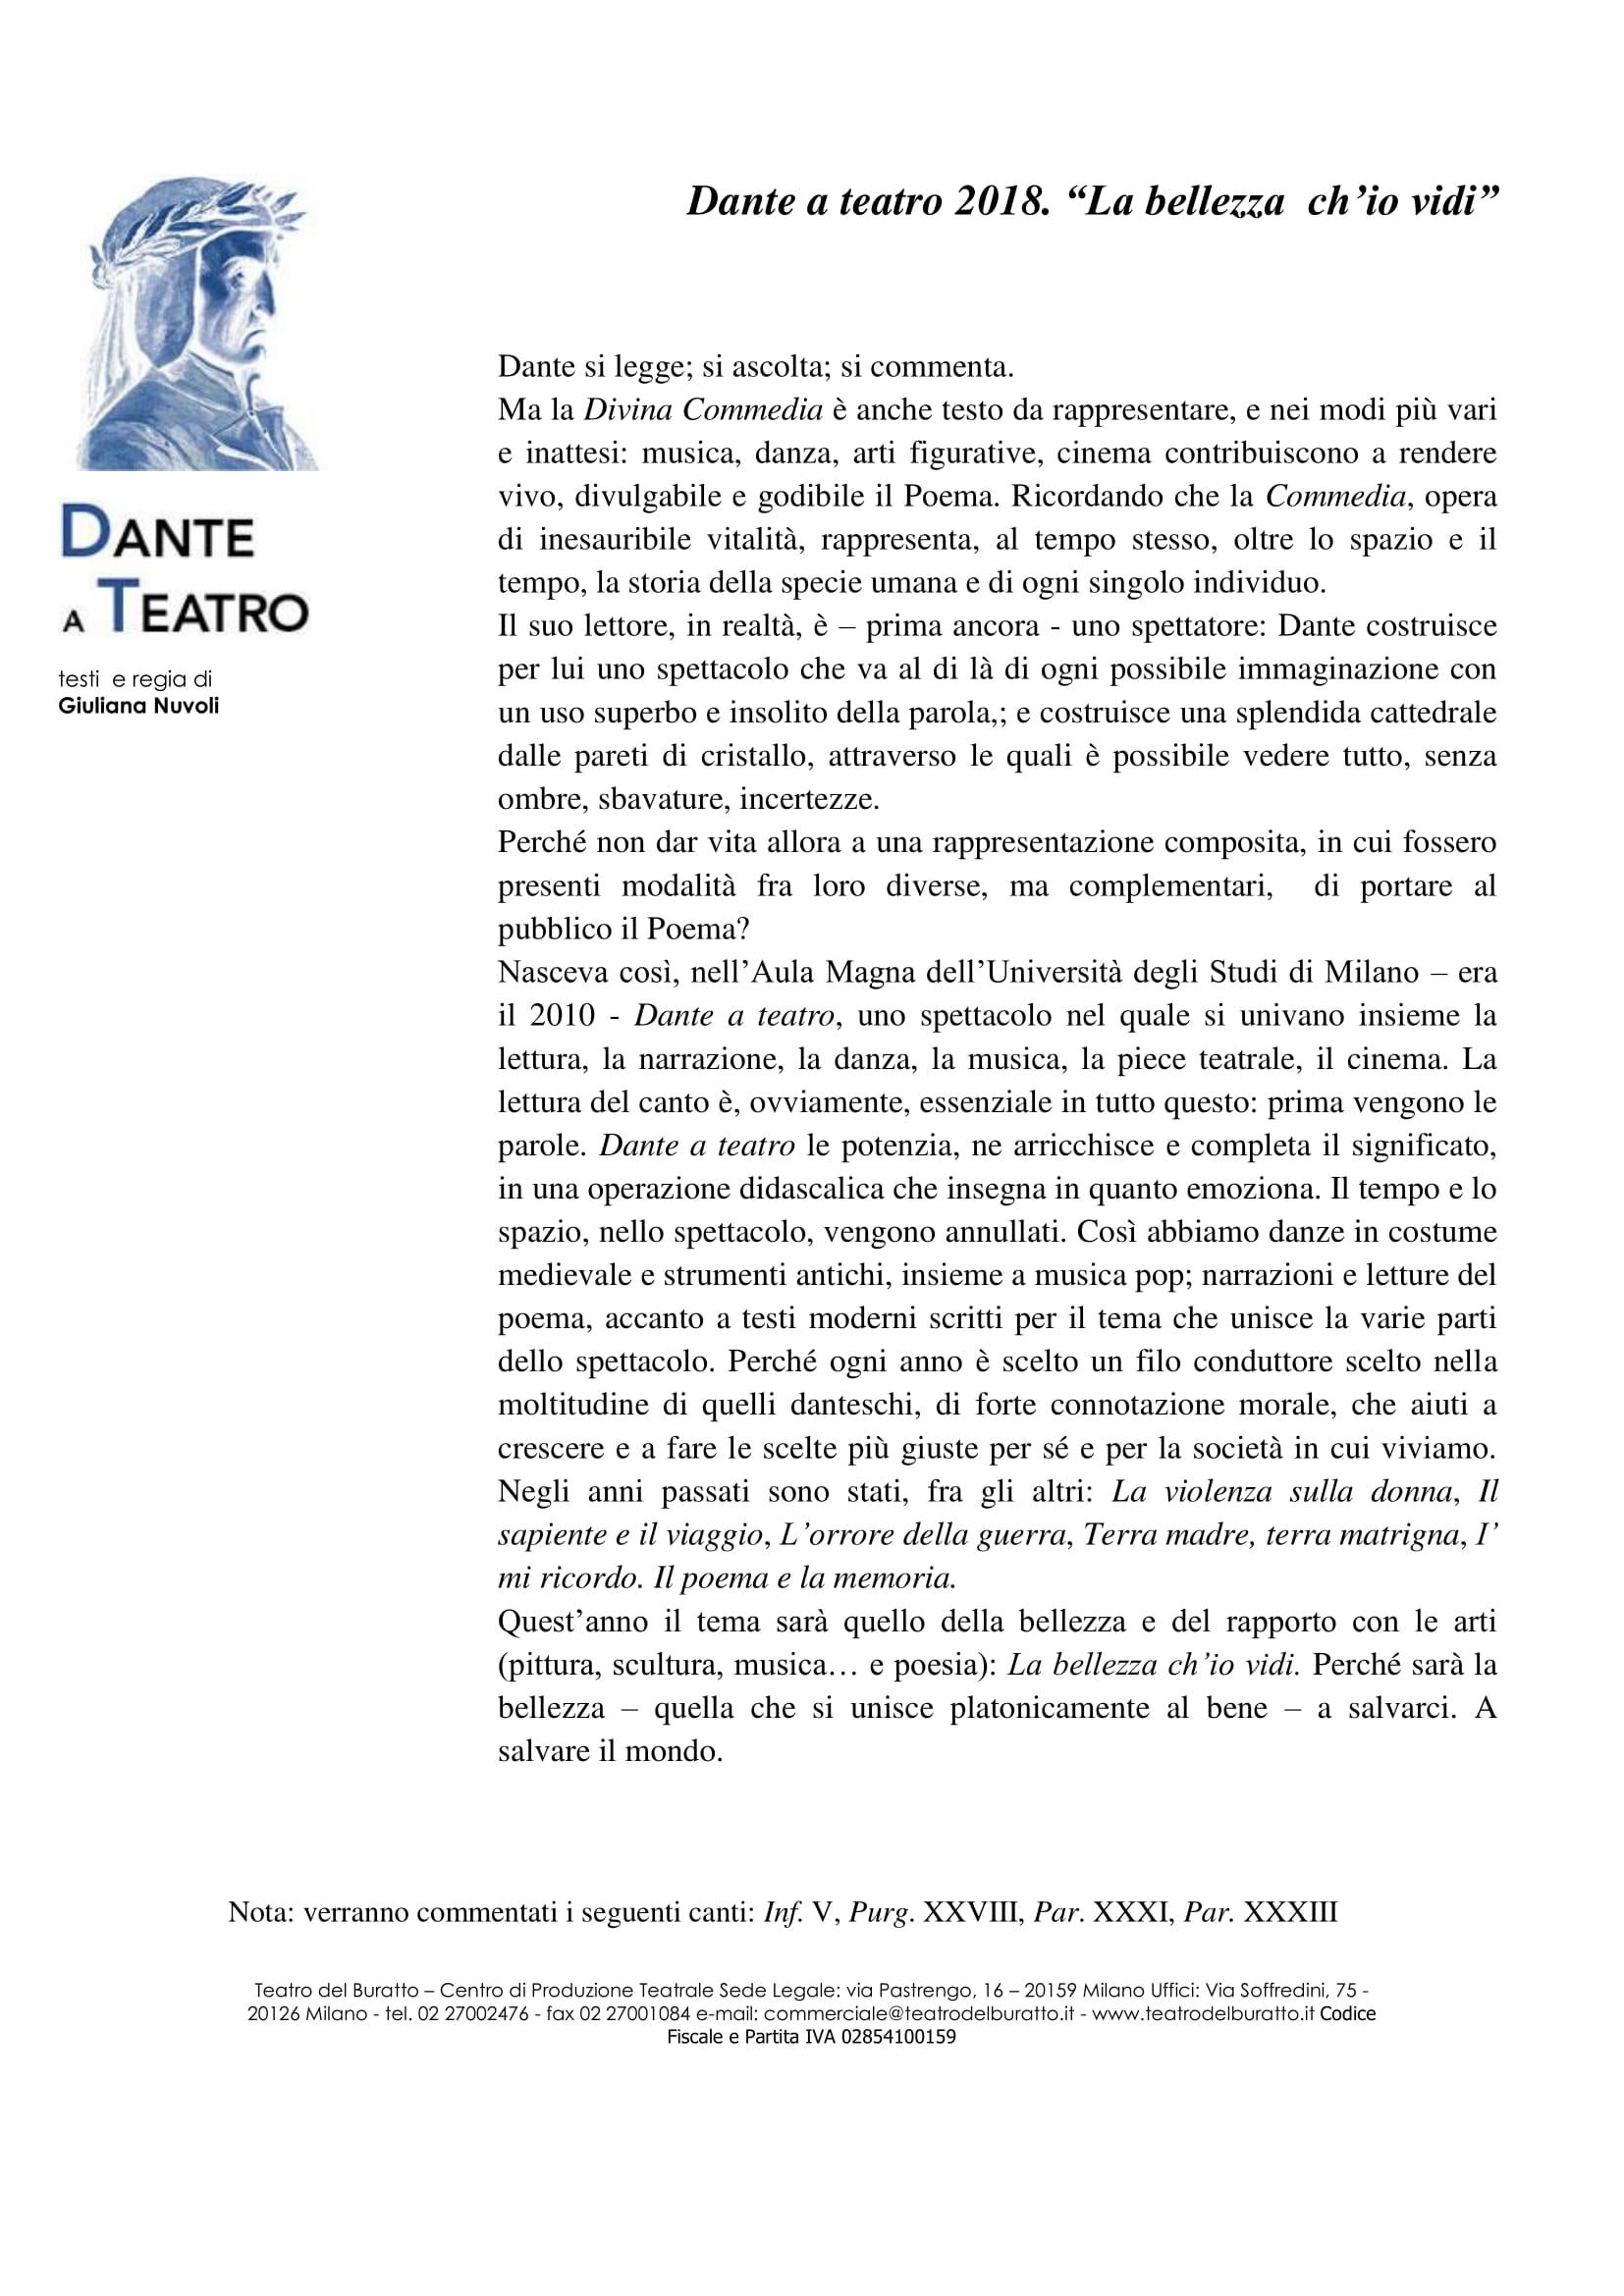 scheda Dante a teatro 2018 -1